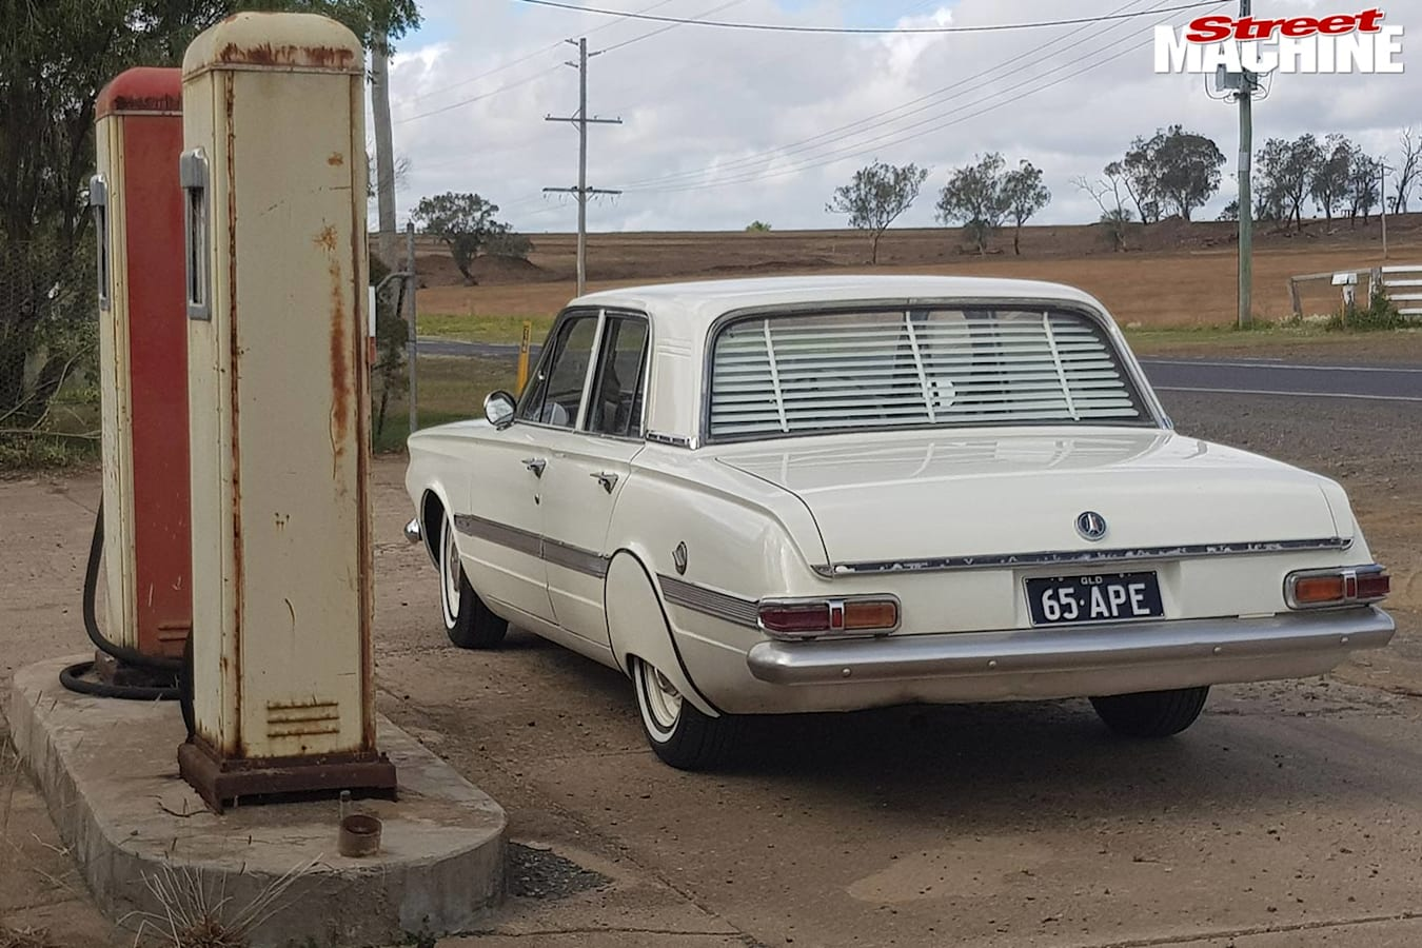 Valiant AP6 Regal rear